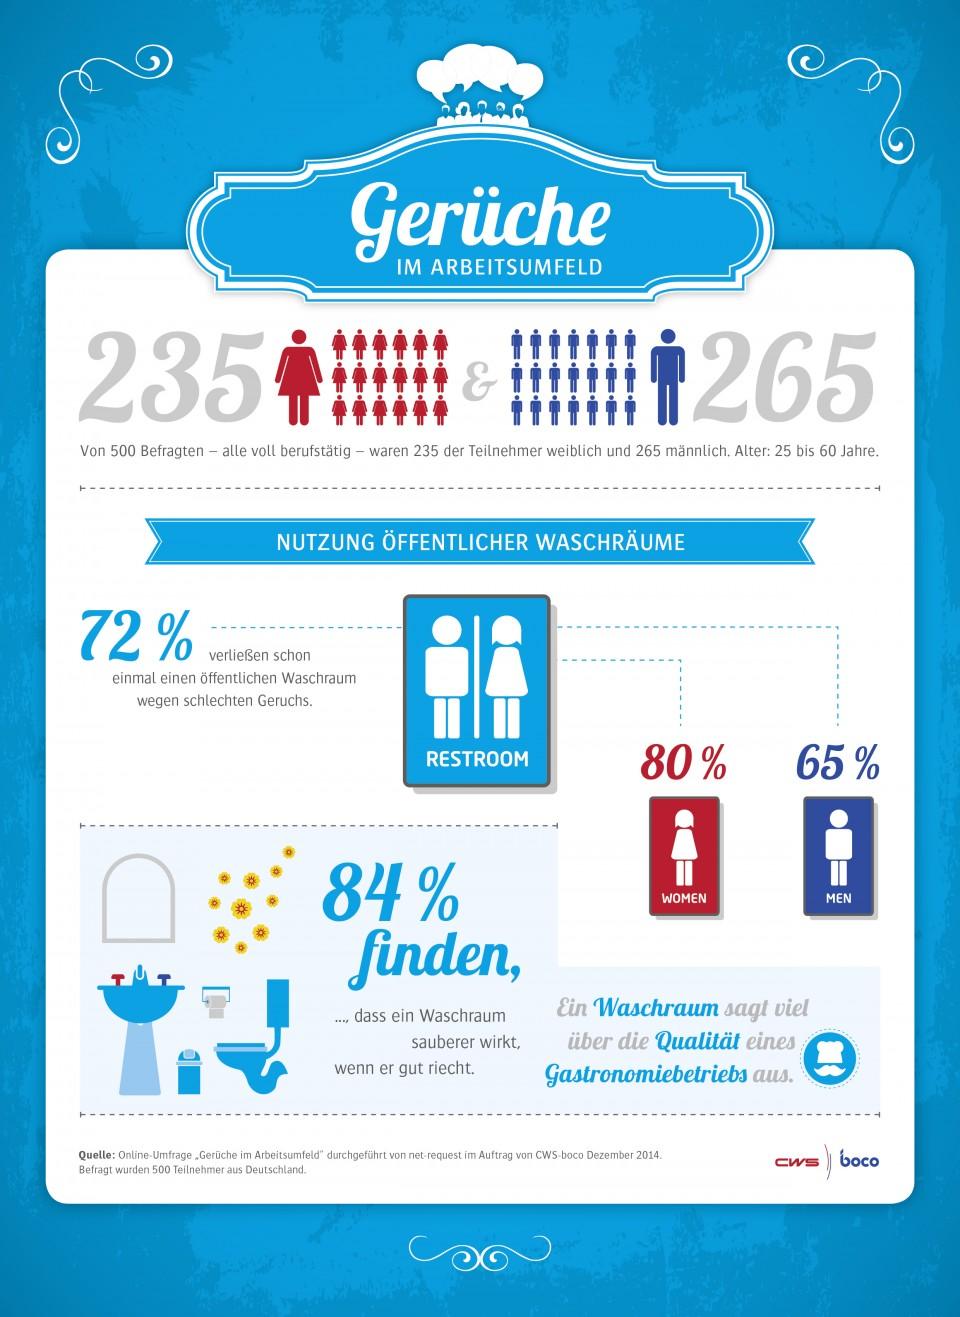 Nutzung öffentlicher Waschräume